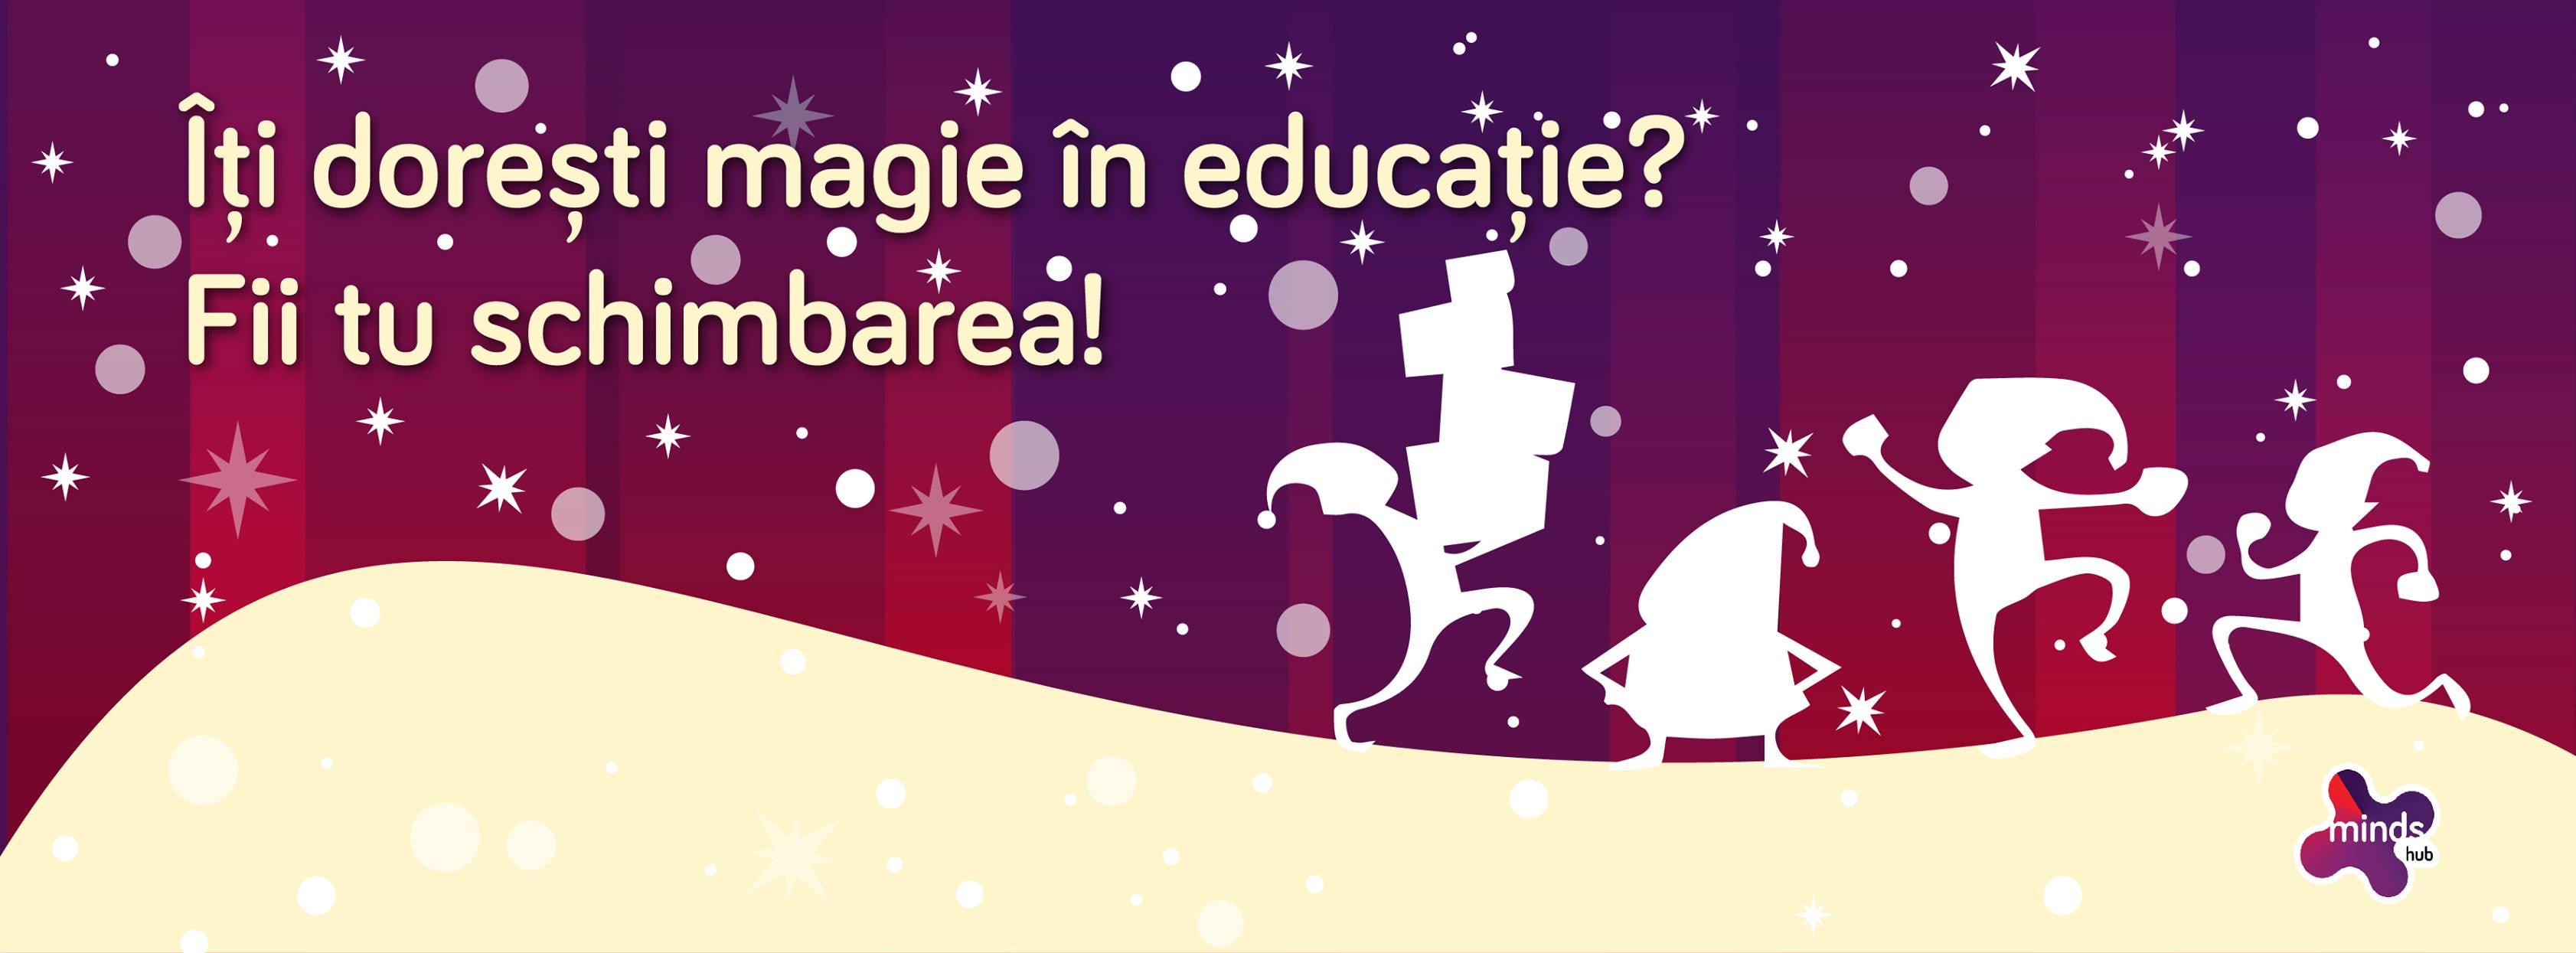 Povestea aceasta este despre tine, despre noi, despre cum putem aduce un suflu nou în educație!